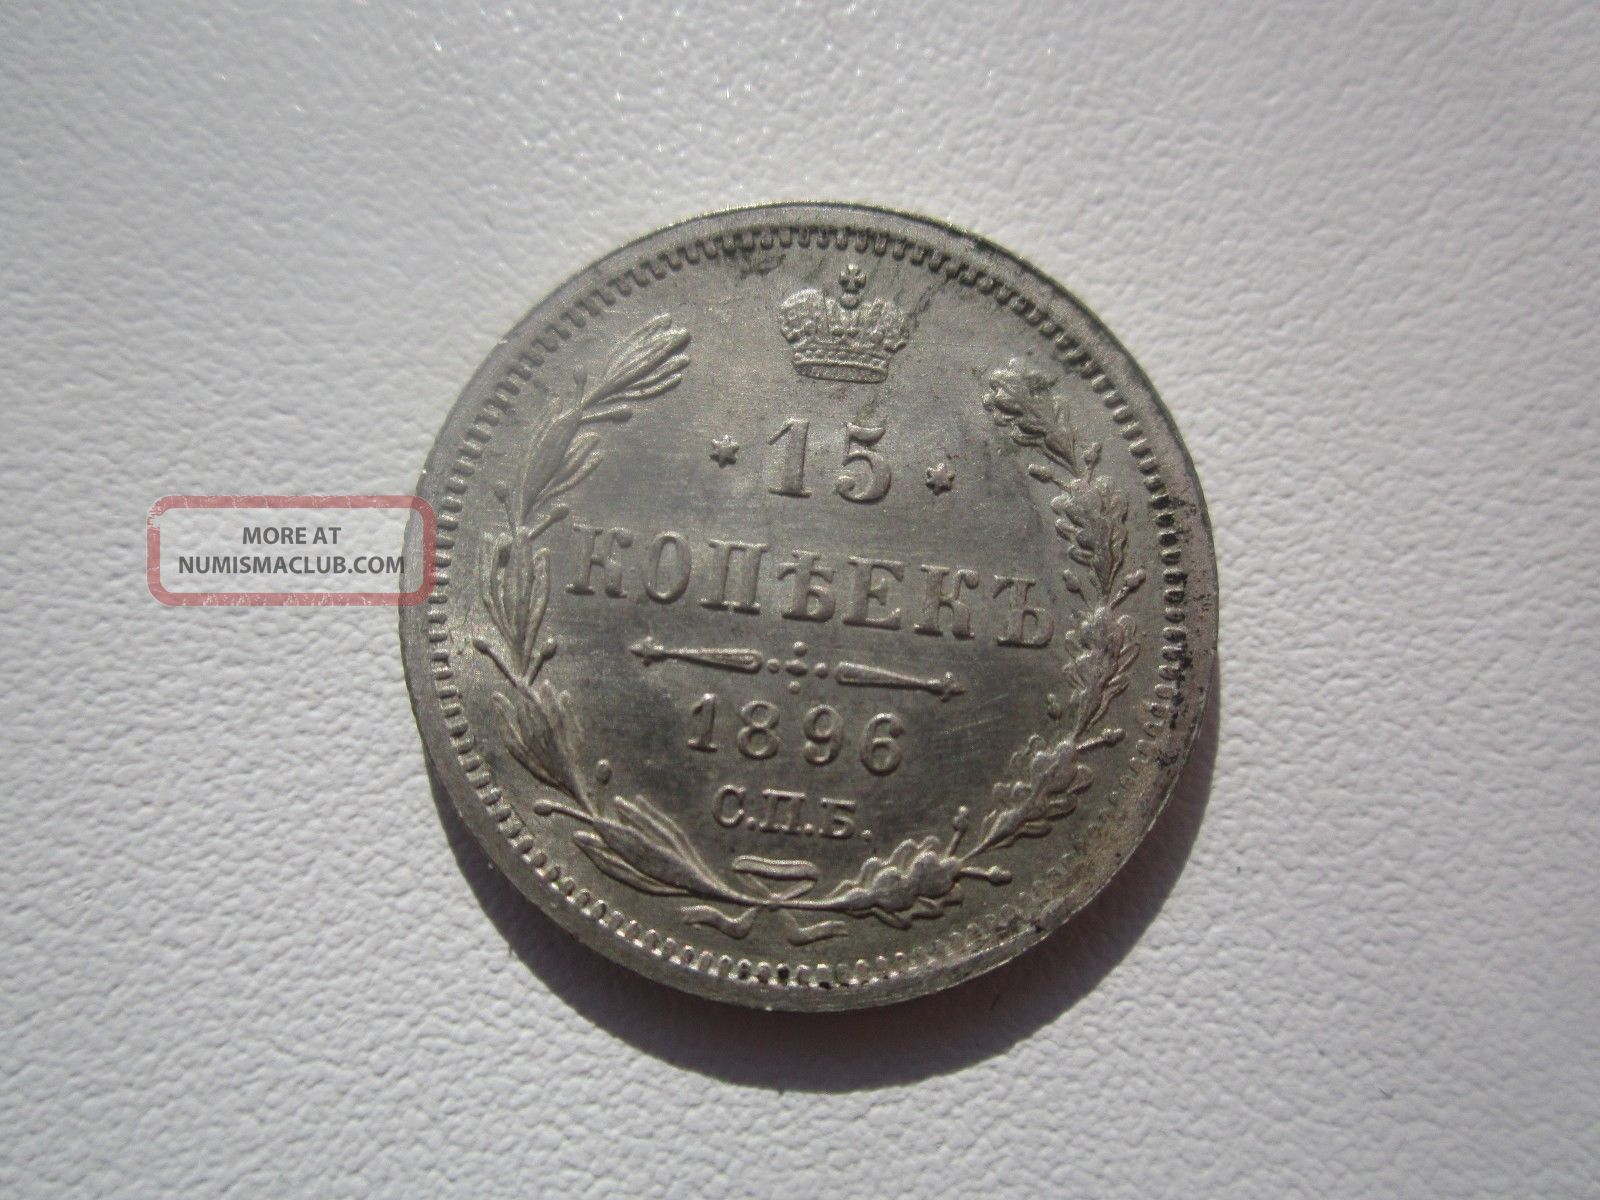 Unc 1896 Russia 15 Kopecks Russia photo